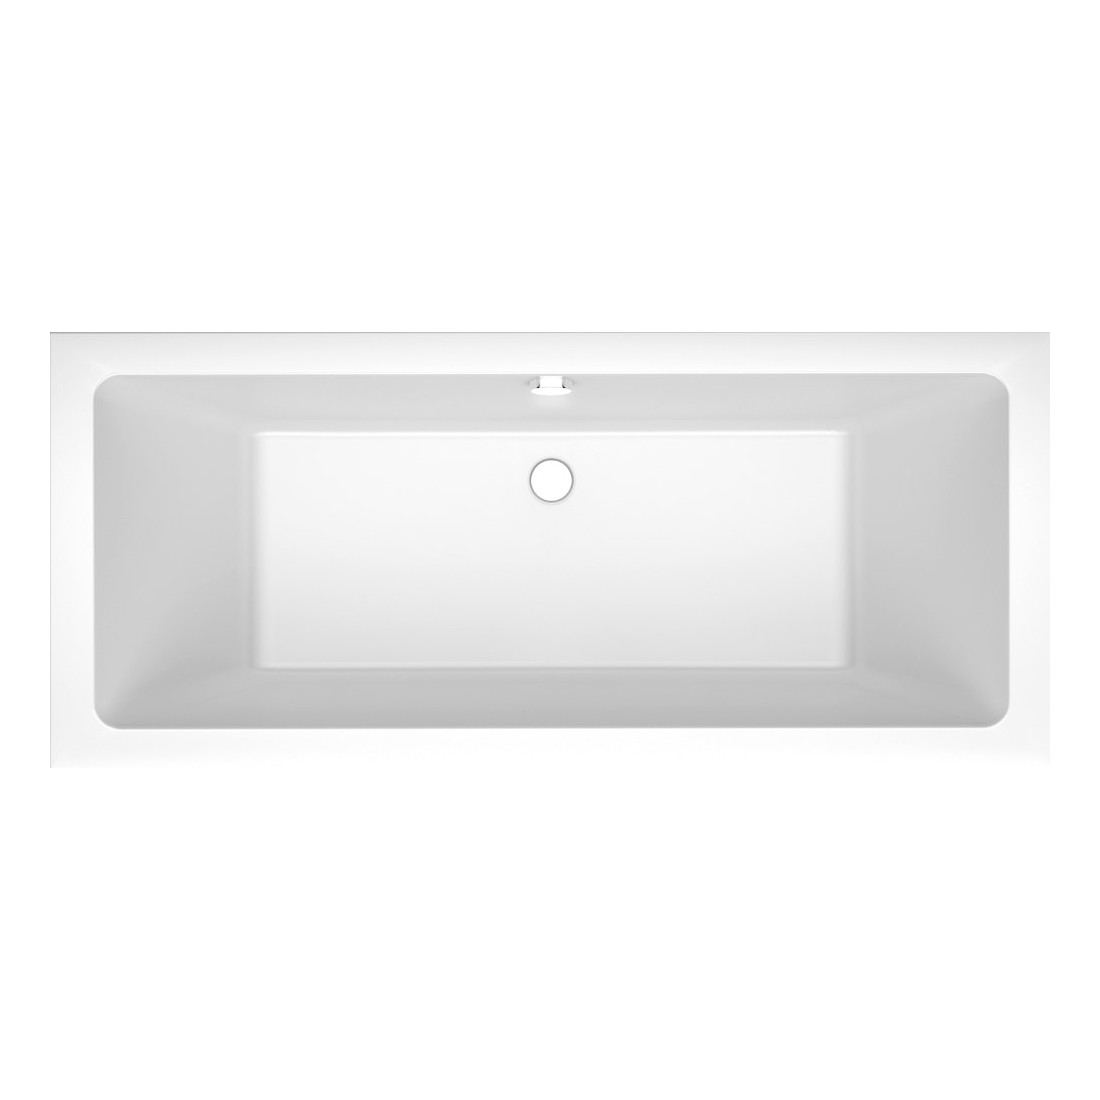 Akmens masės vonia Vispool Nordica, su matomomis kojytėmis, 170x75